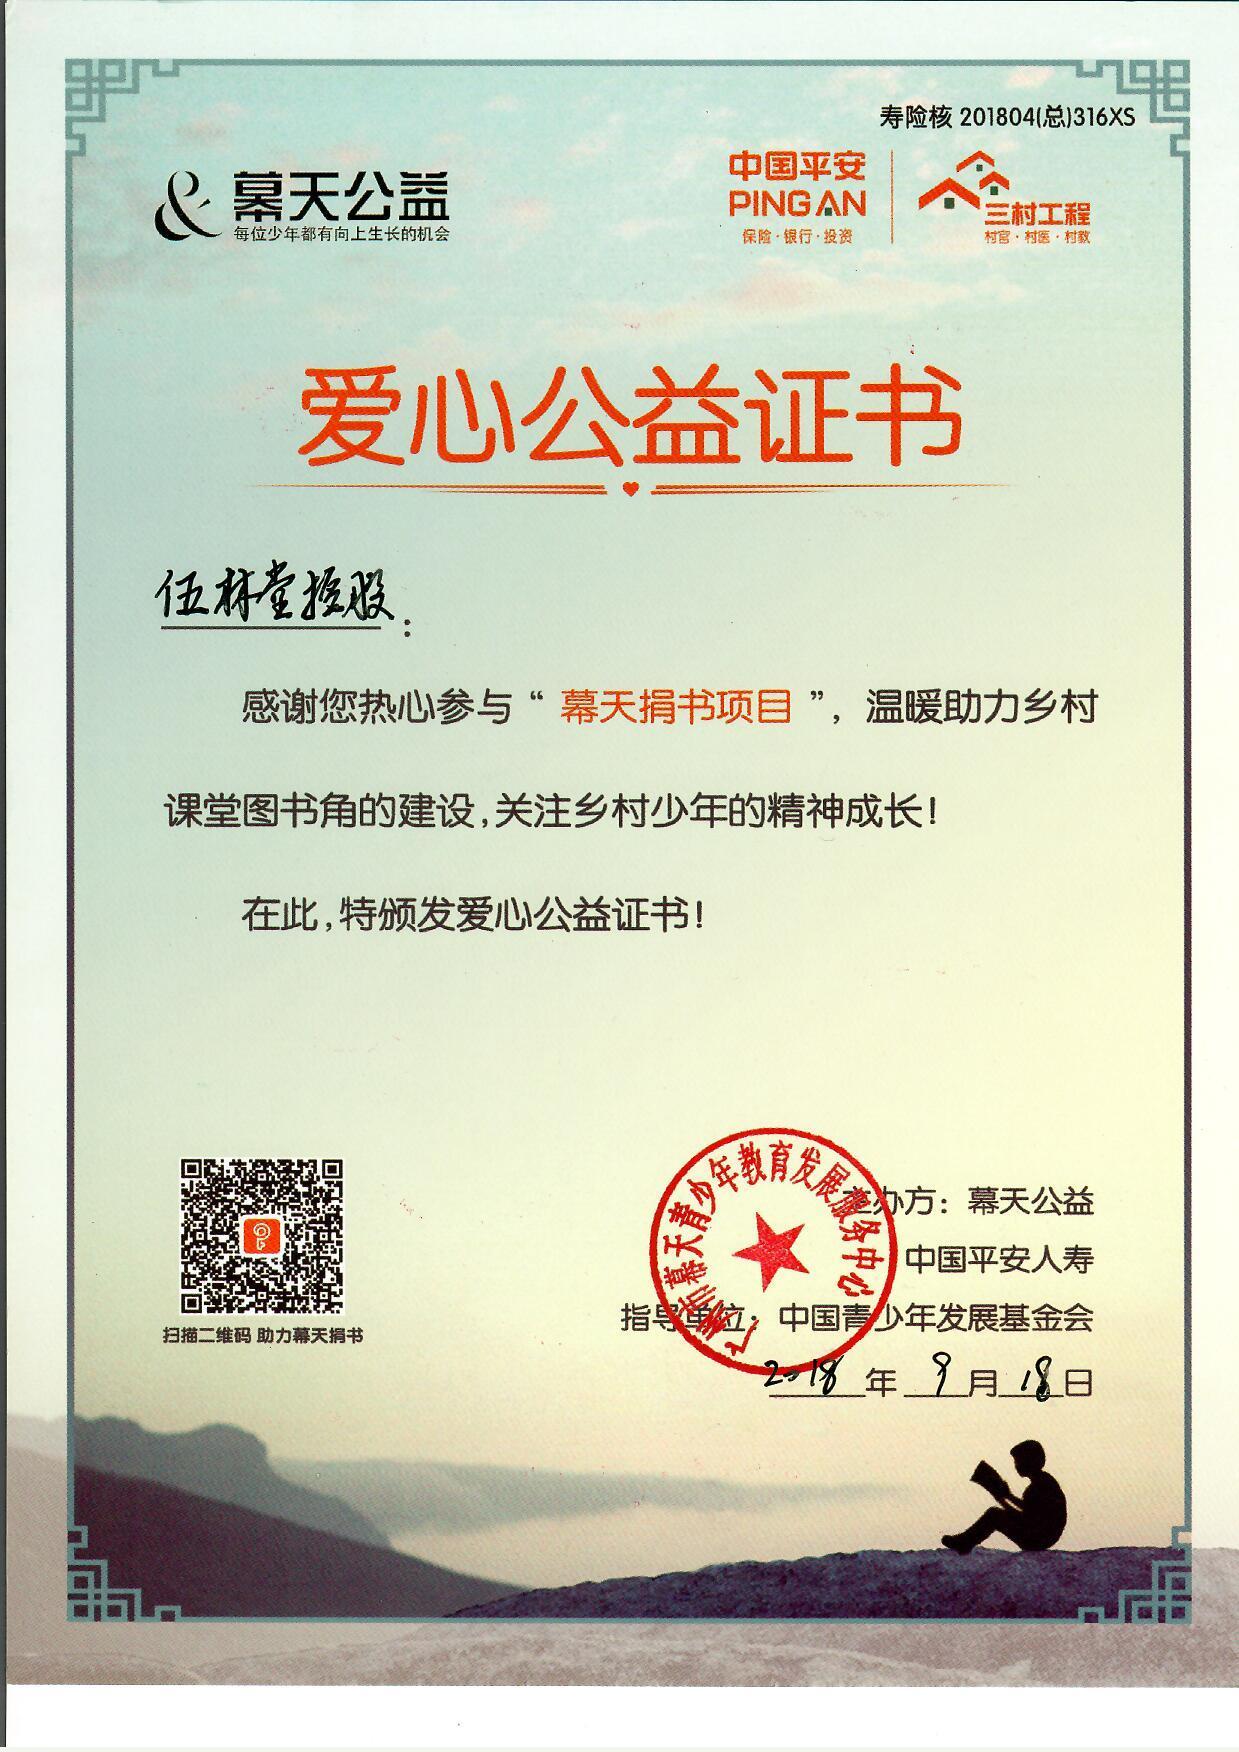 """2018年09月18日:中国平安幕天捐书活动""""爱心公益证书"""""""